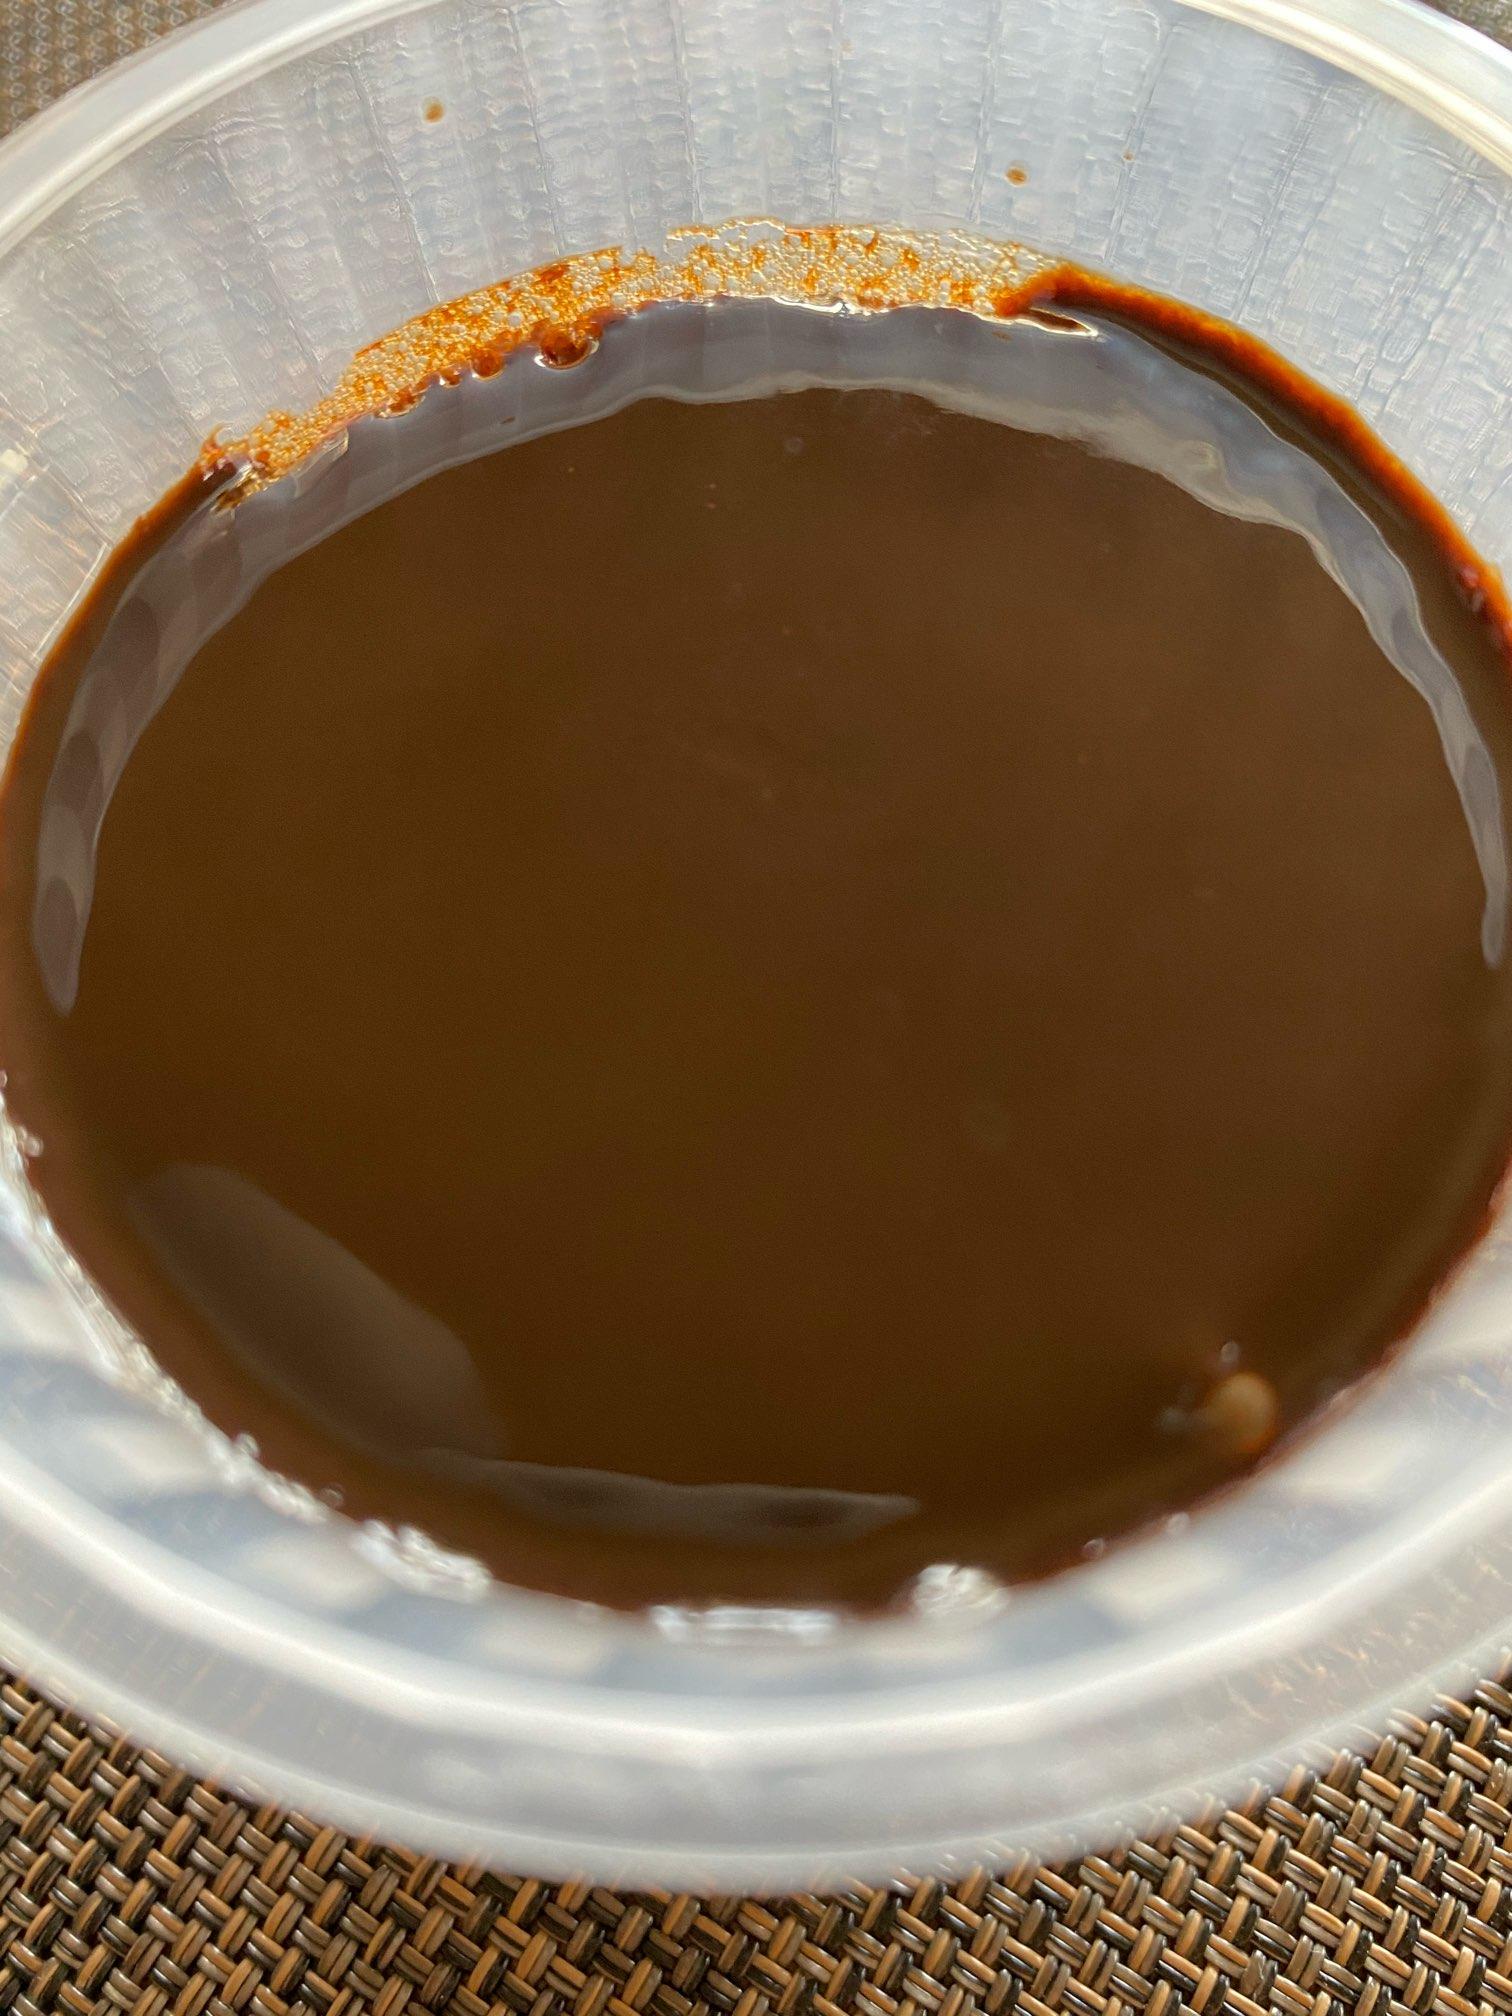 【セブン-イレブン】ショコラケーキプリンを食べてみた(新発売)_2